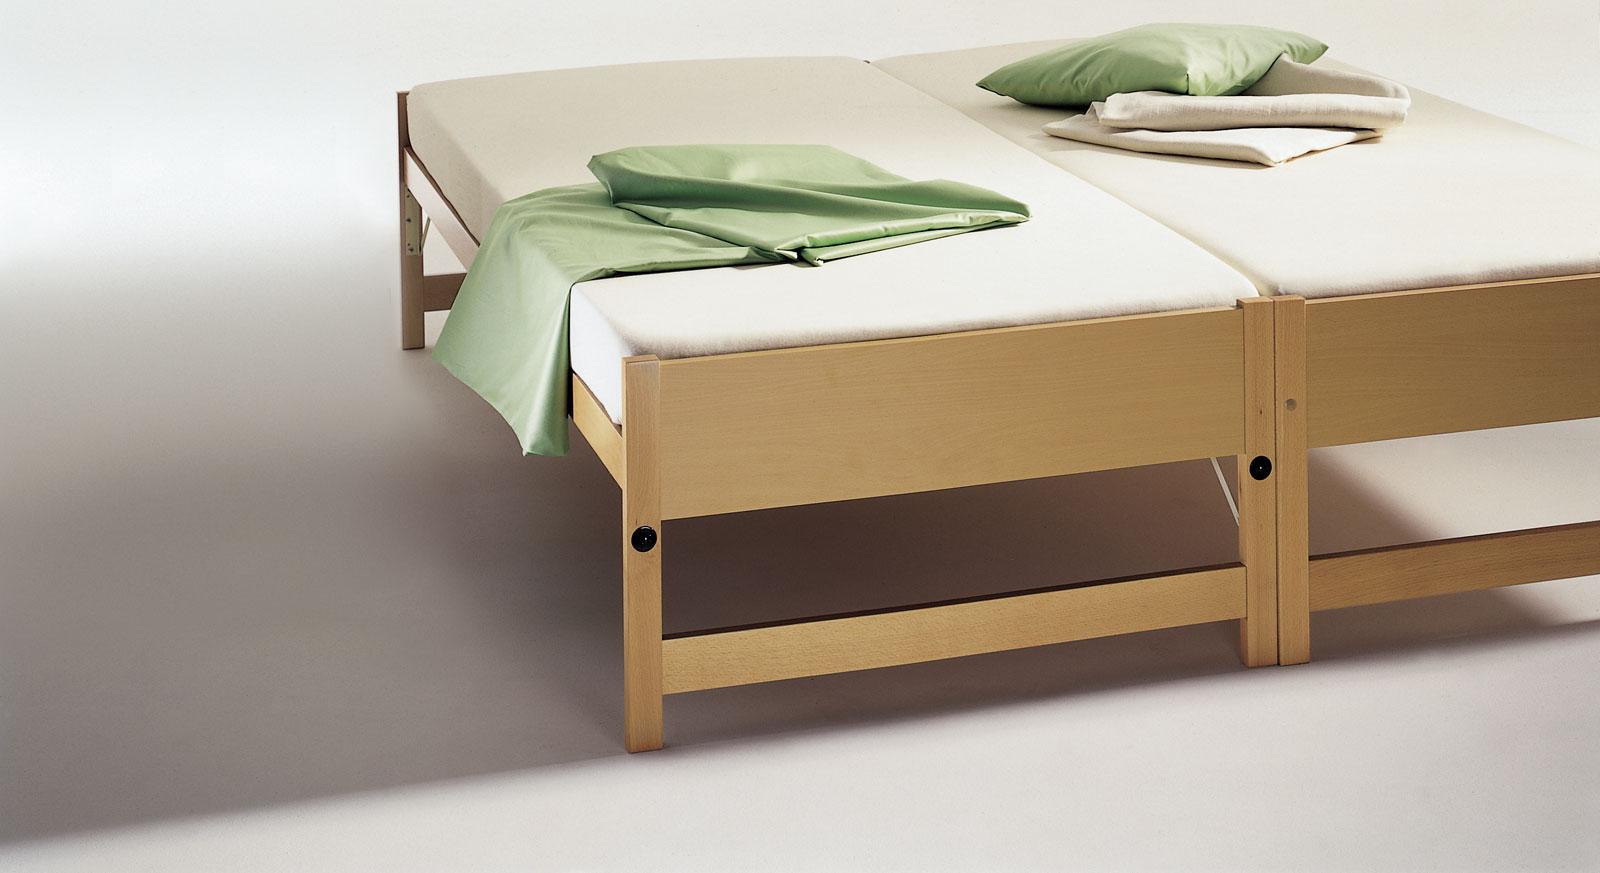 Full Size of Klappbar Bett Ikea Ausklappbares Sofa Englisch Ausklappbar Nussbaum 180x200 Günstige Betten Rauch Massivholz Massiv Weiß Schlafsofa Liegefläche Ebay Wohnzimmer Ausziehbett 180x200